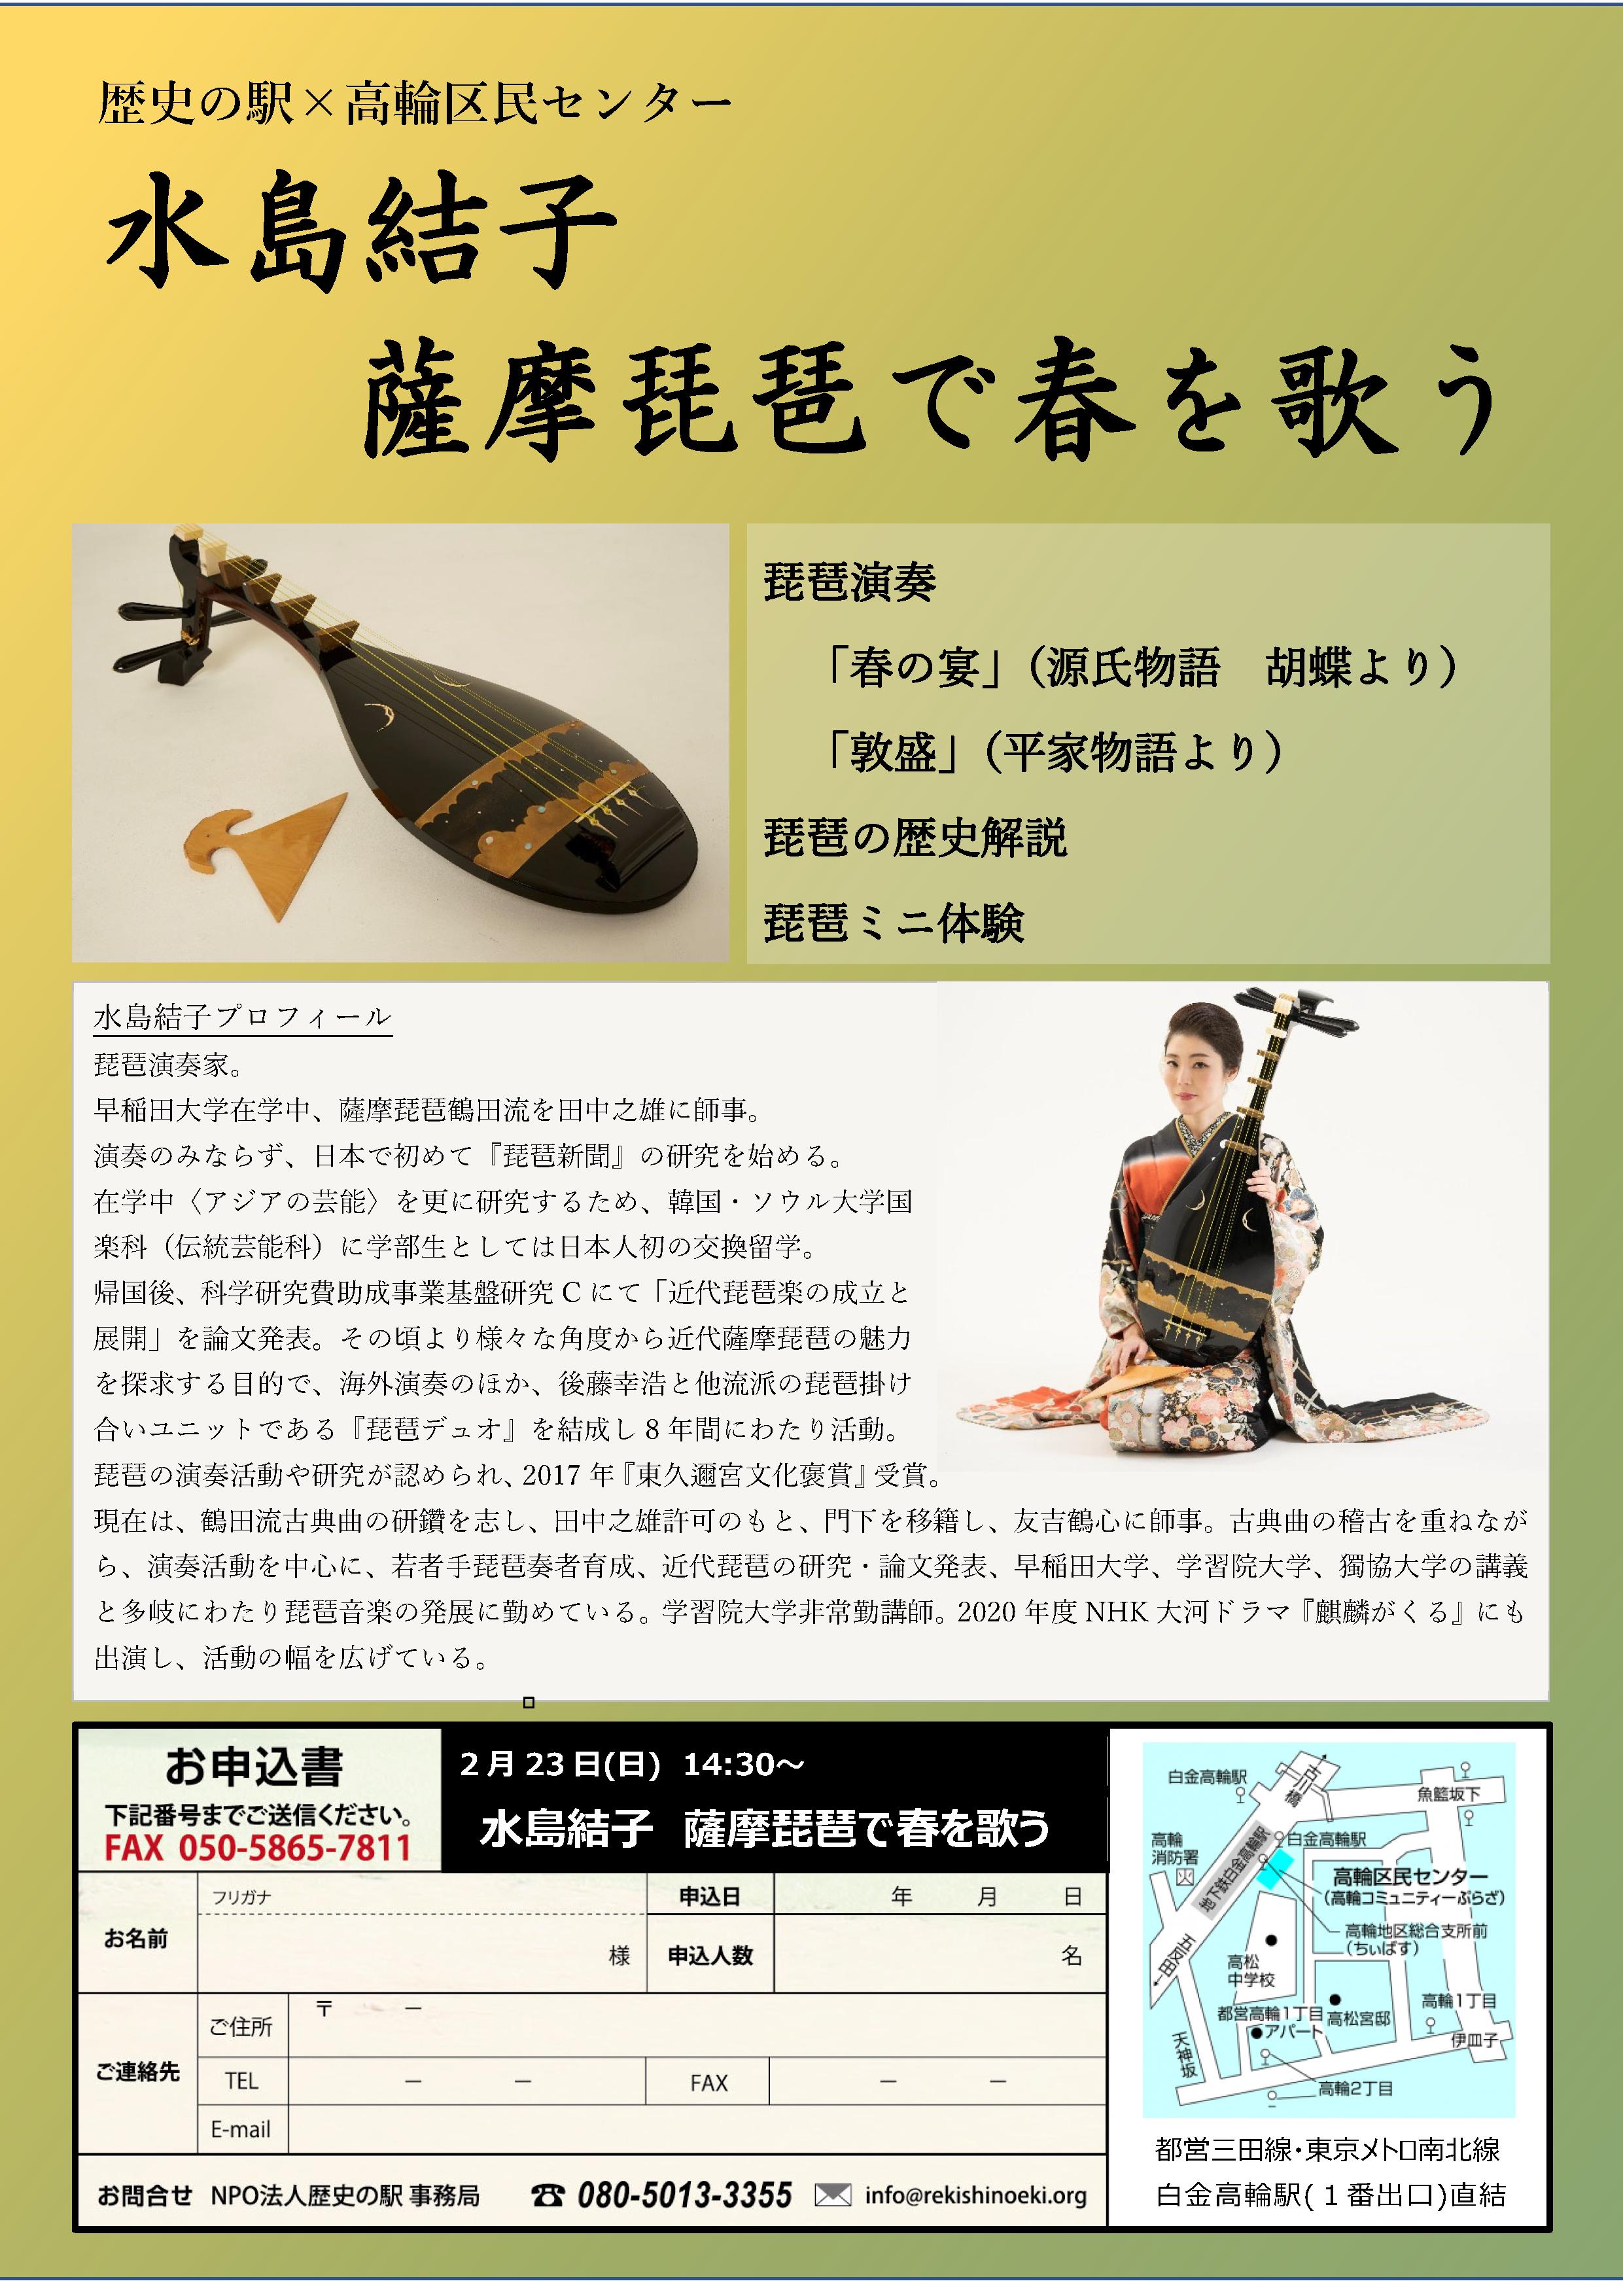 「水島結子 薩摩琵琶で春を歌う」